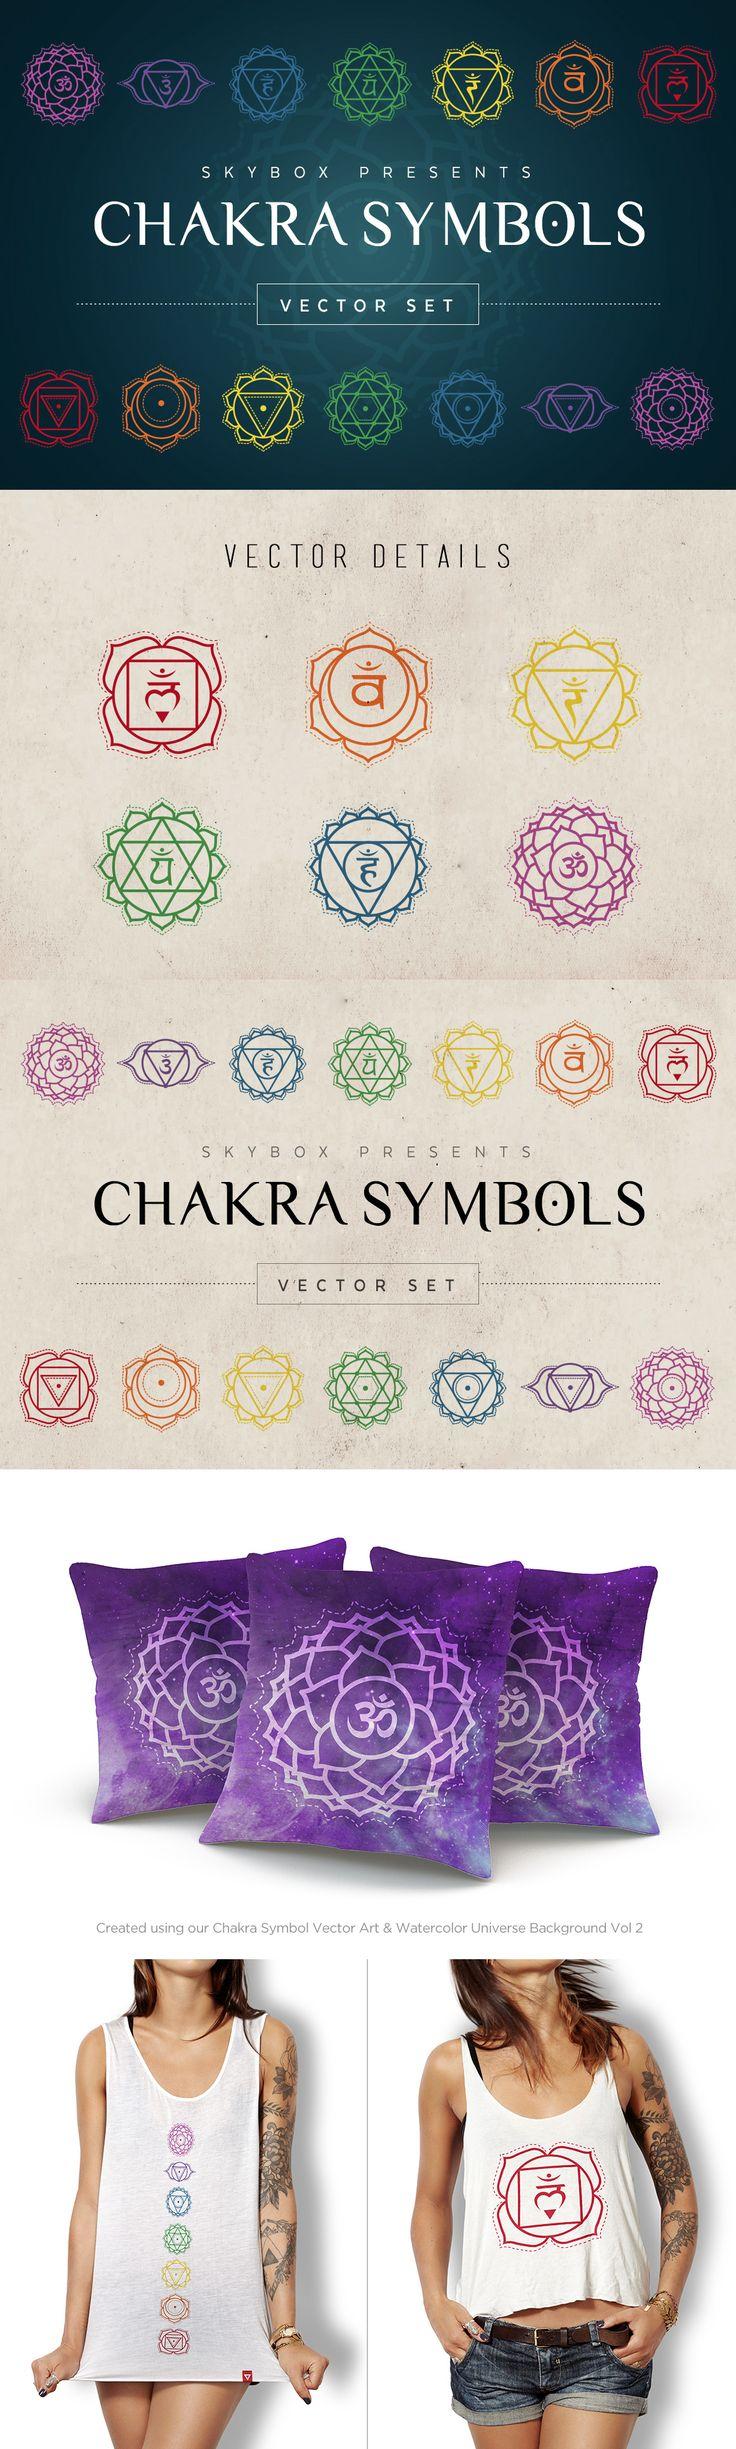 Chakra Symbols #Vector Set                                                                                                                                                     More